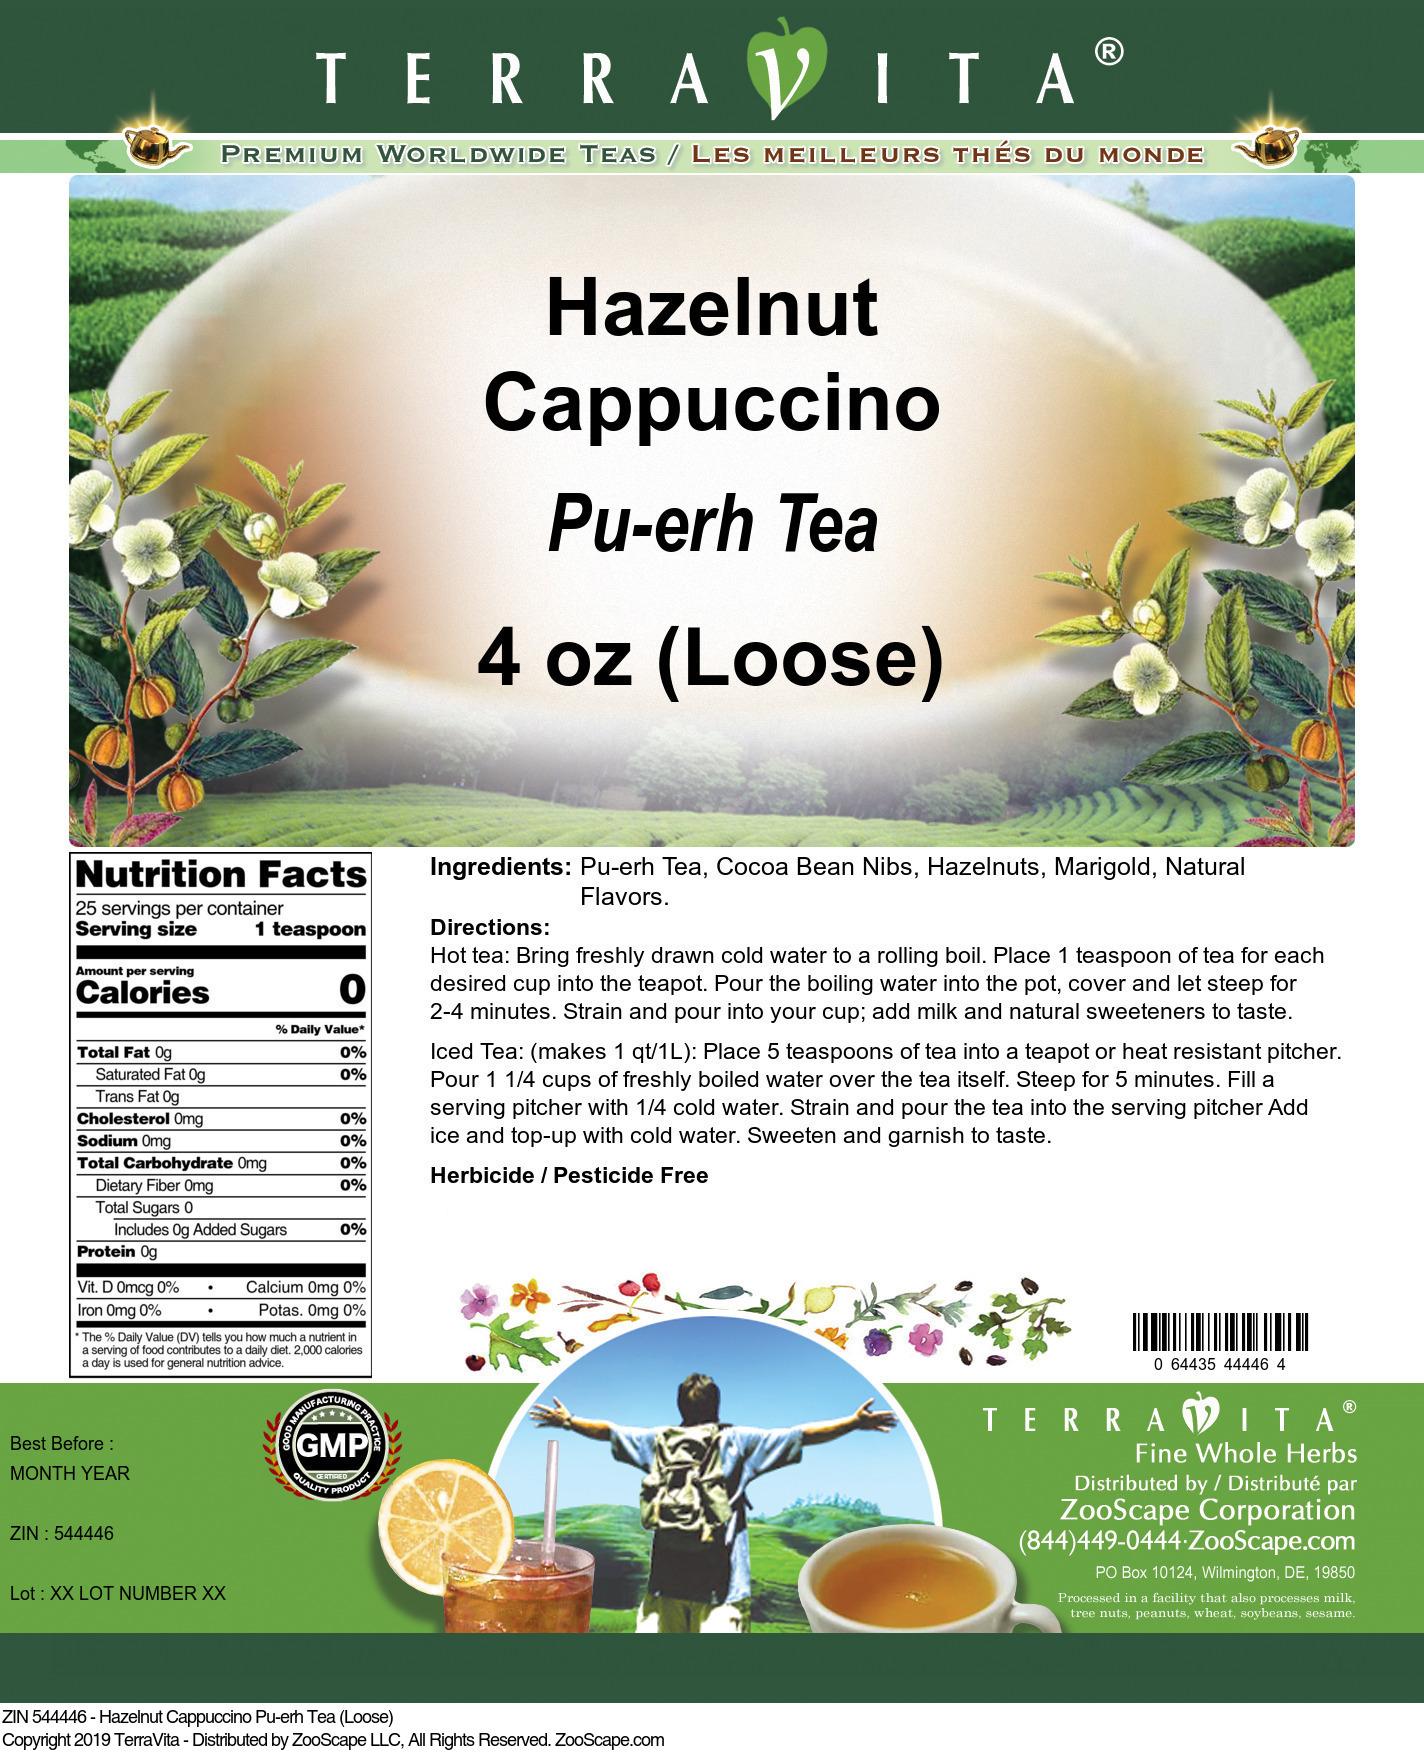 Hazelnut Cappuccino Pu-erh Tea (Loose)